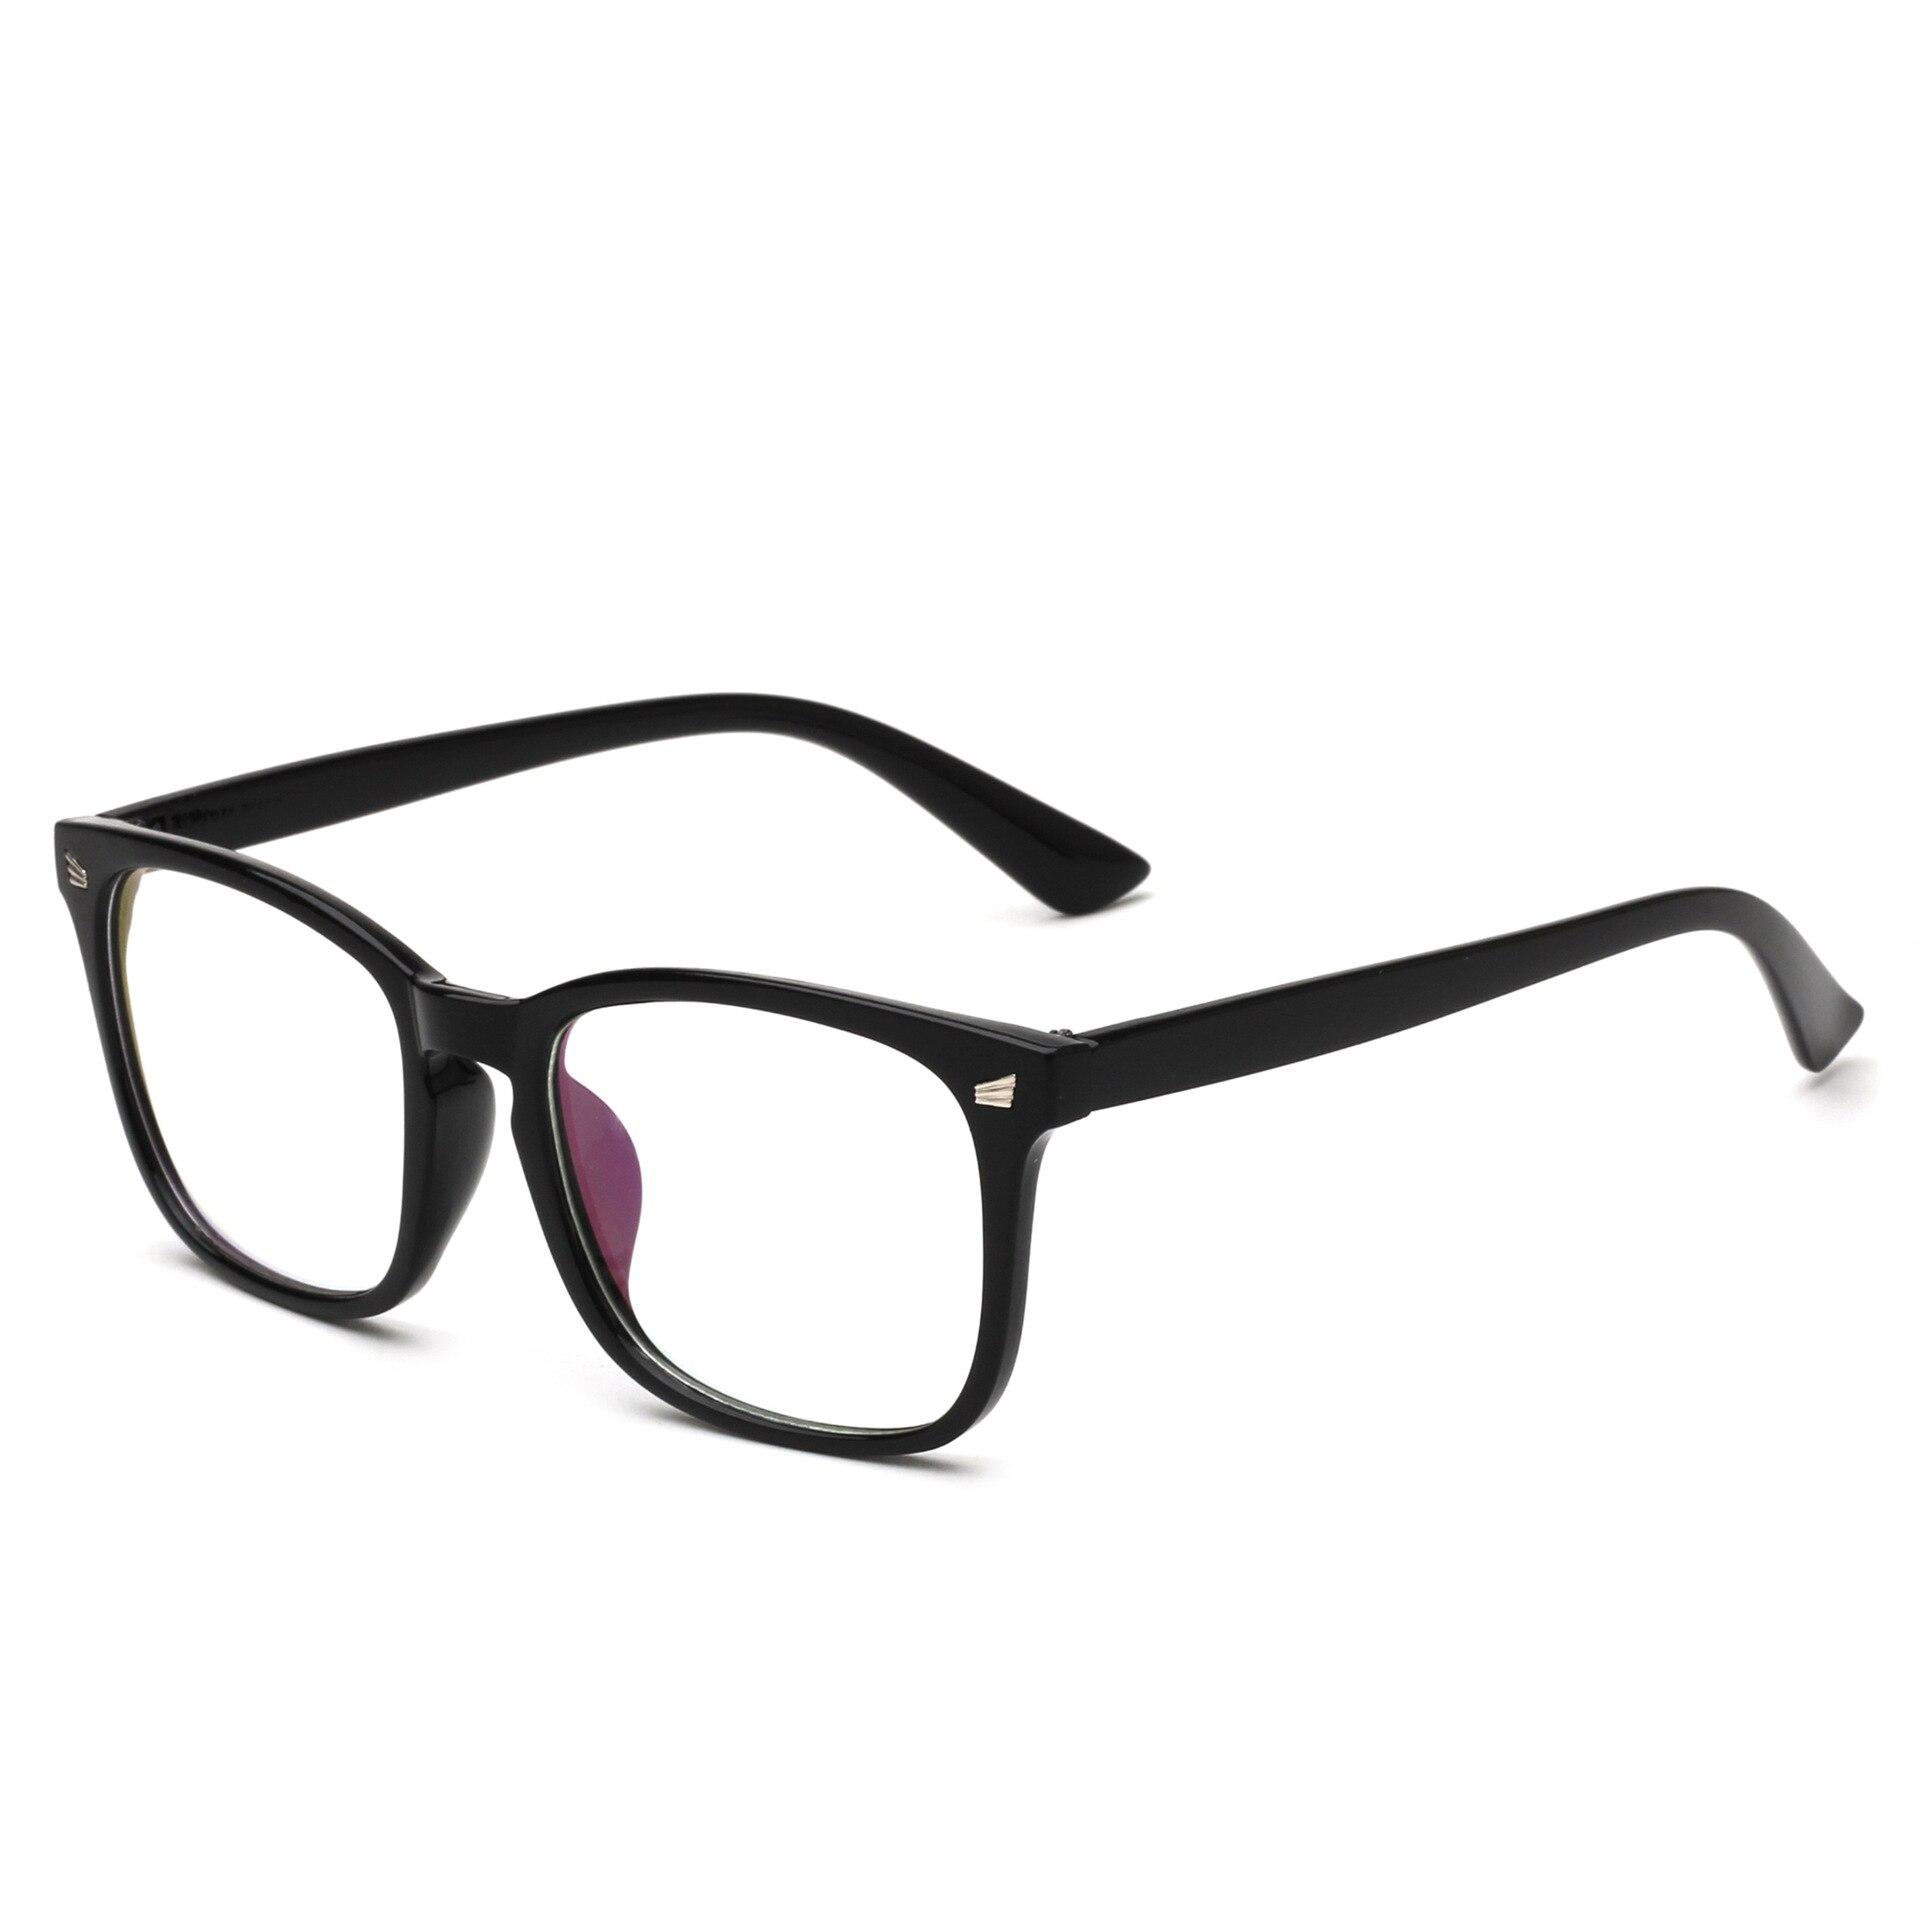 29370367d15b8 Progressiva multi leitura foco moda gradiente flores do vintage único  ultraleve dual purpose anti fadiga óculos de leitura LXL em Óculos de  leitura de ...